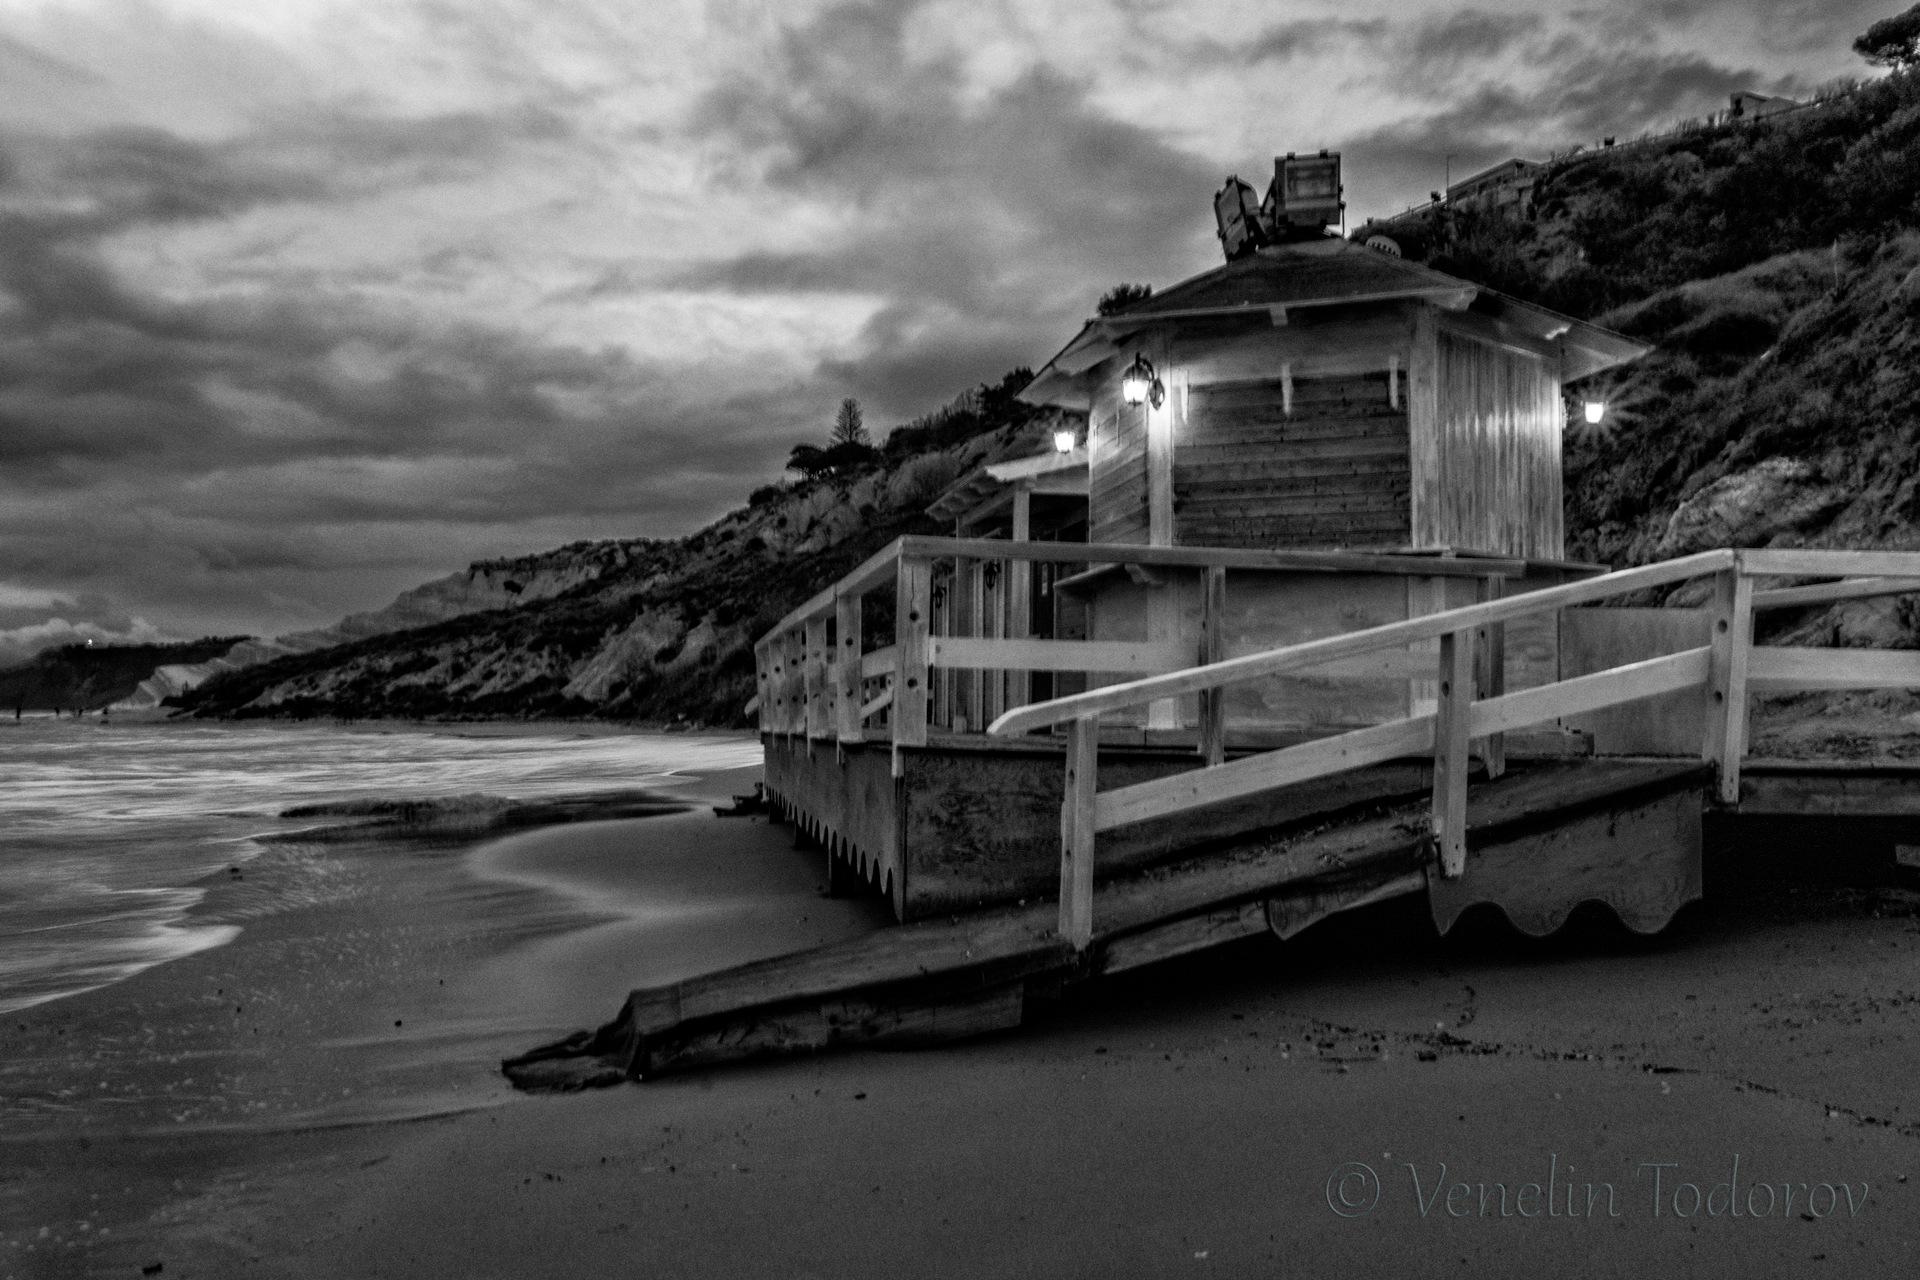 On the beach by Venelin Todorov